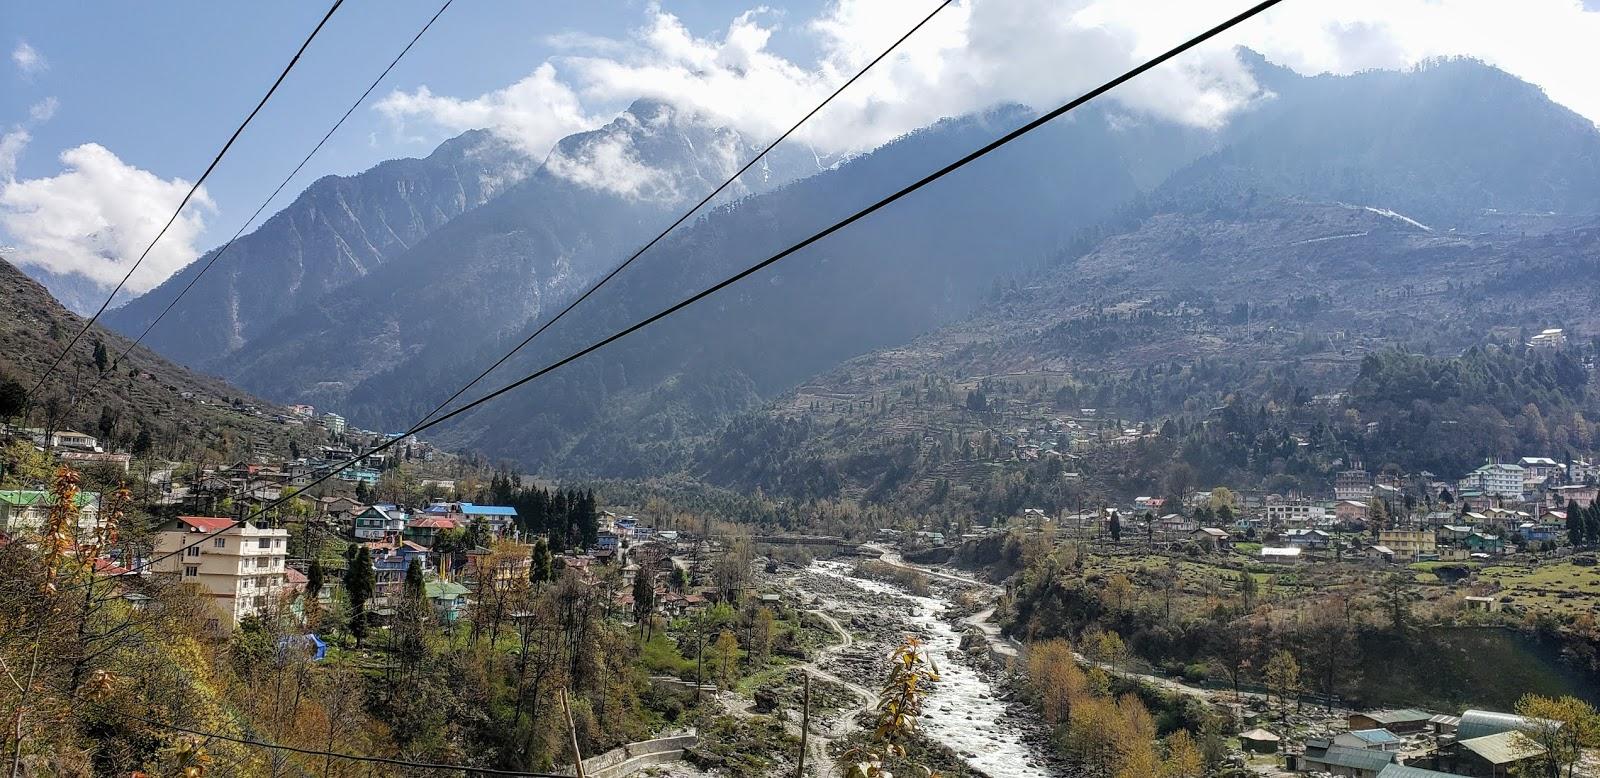 लाचुंग वैली, नार्थ सिक्किम